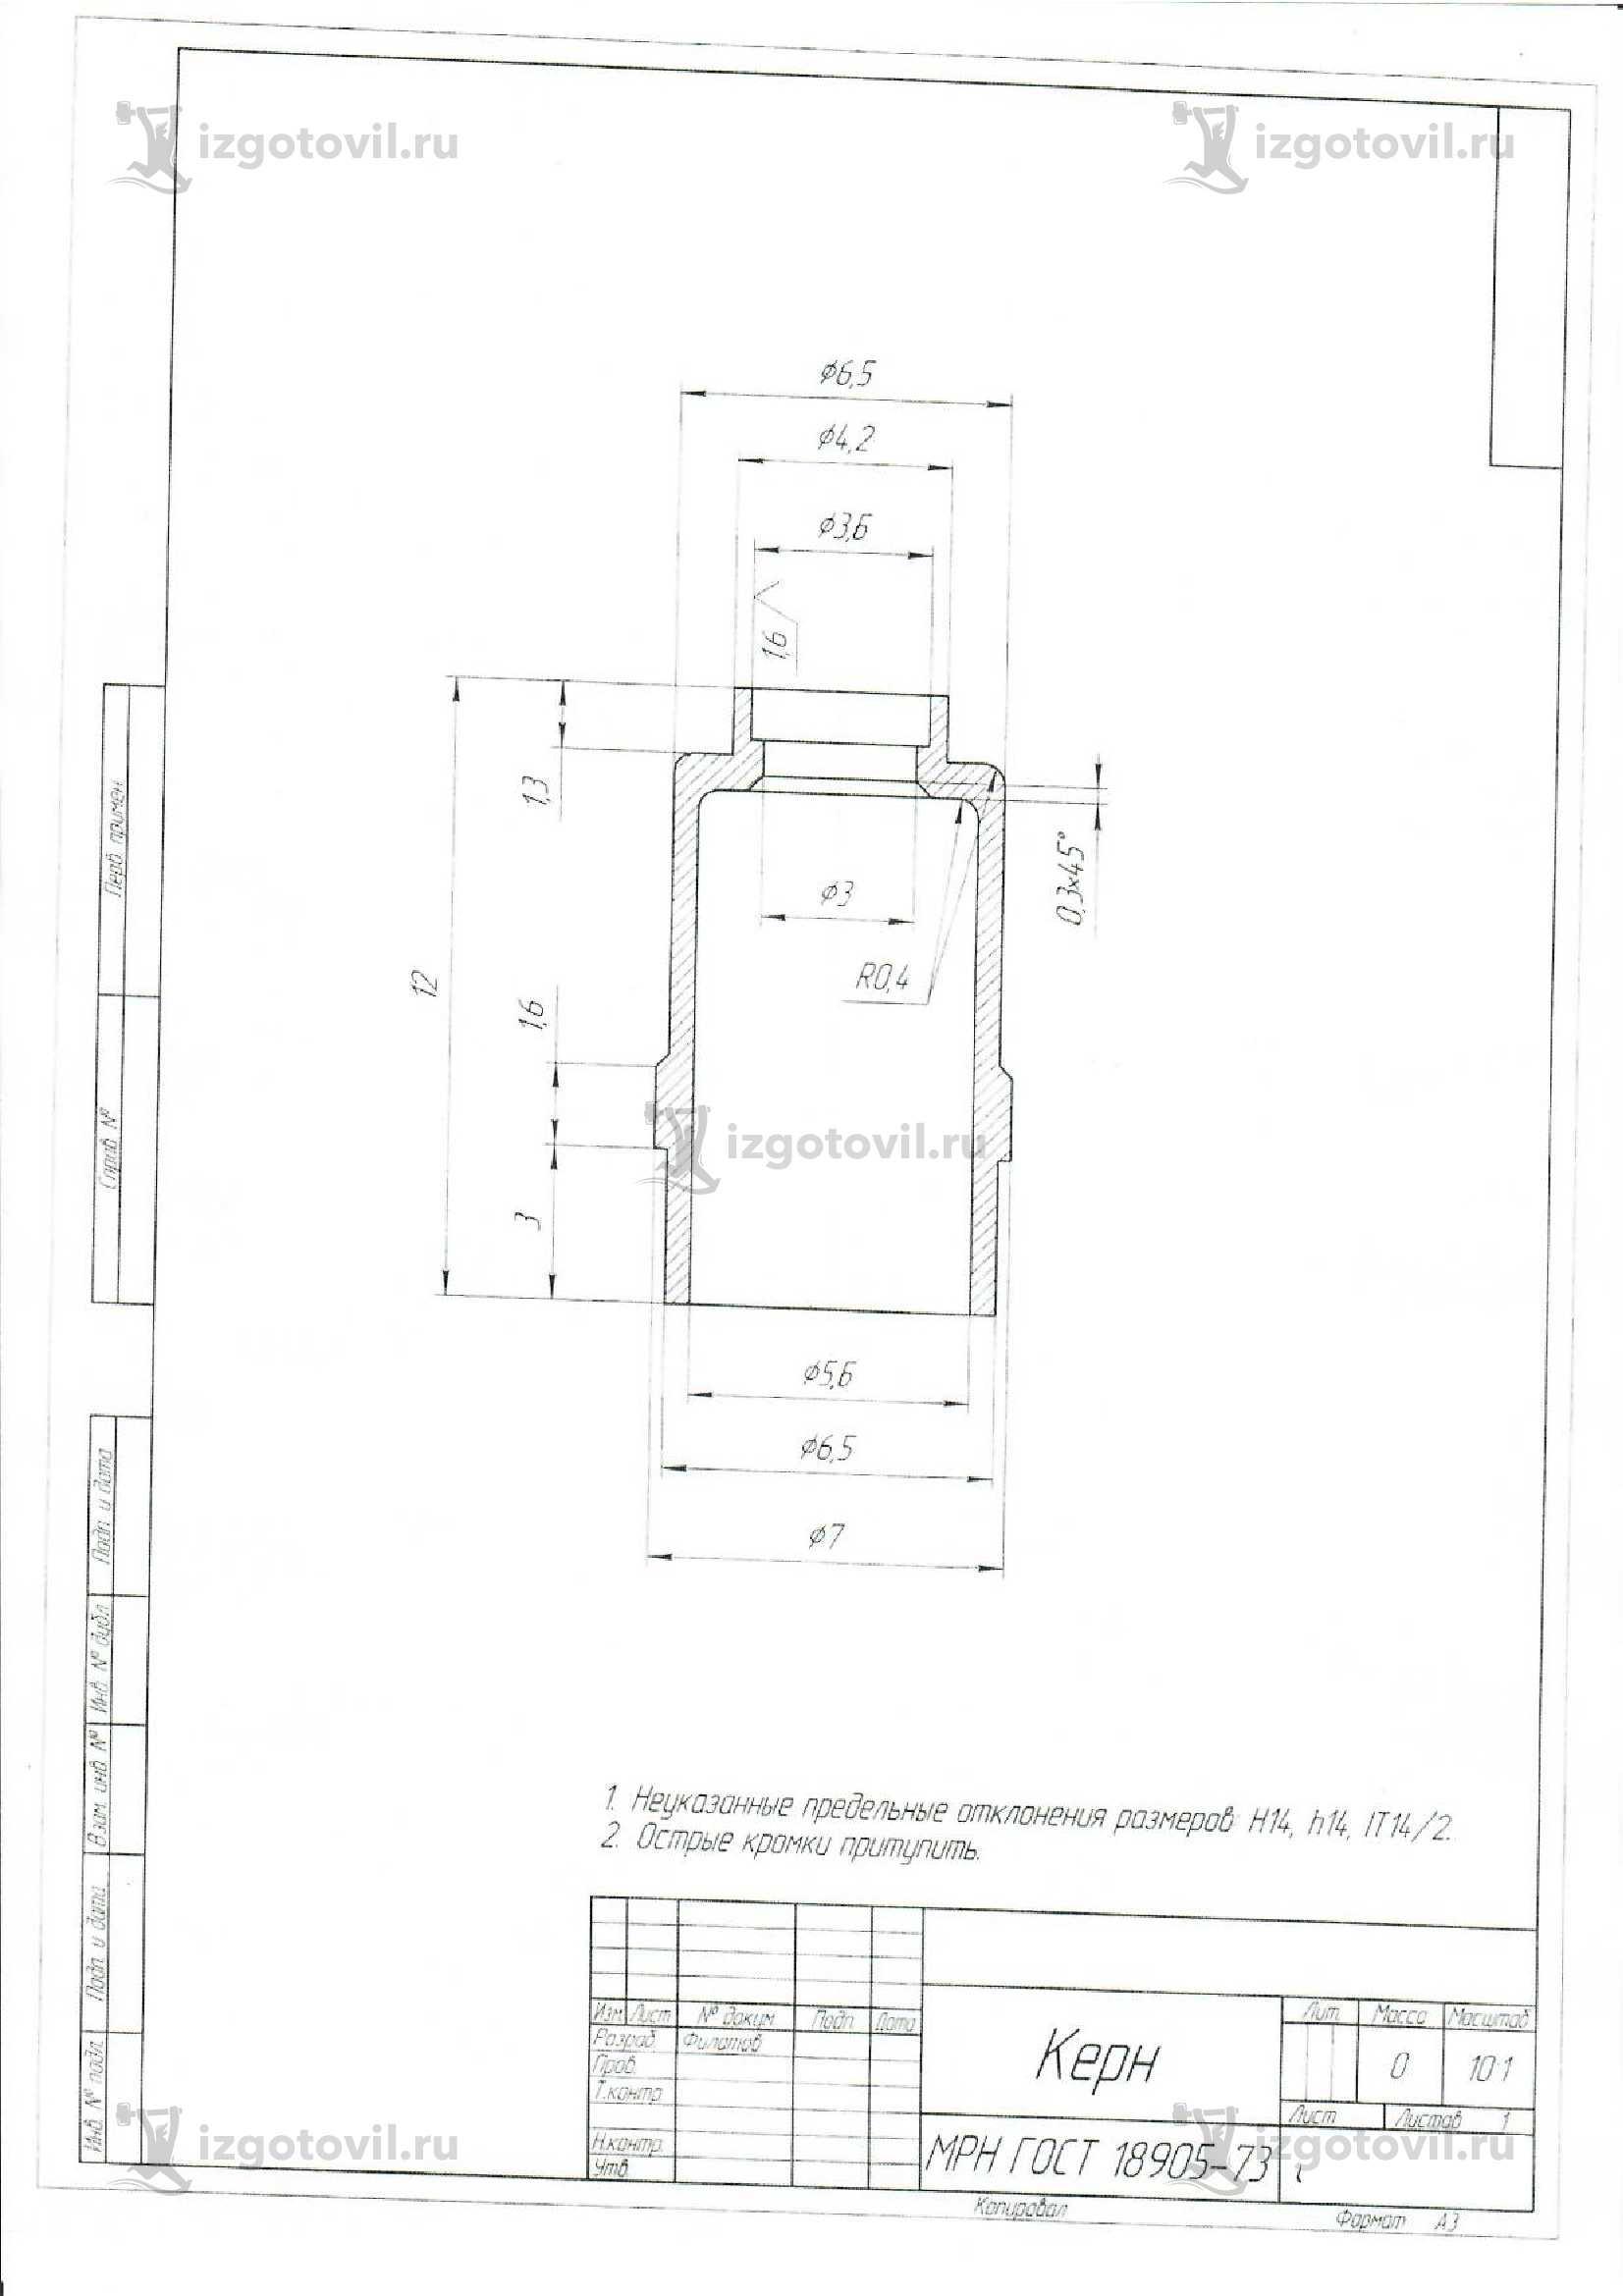 Изготовление деталей на заказ (детали из тантала ТВЧ1)